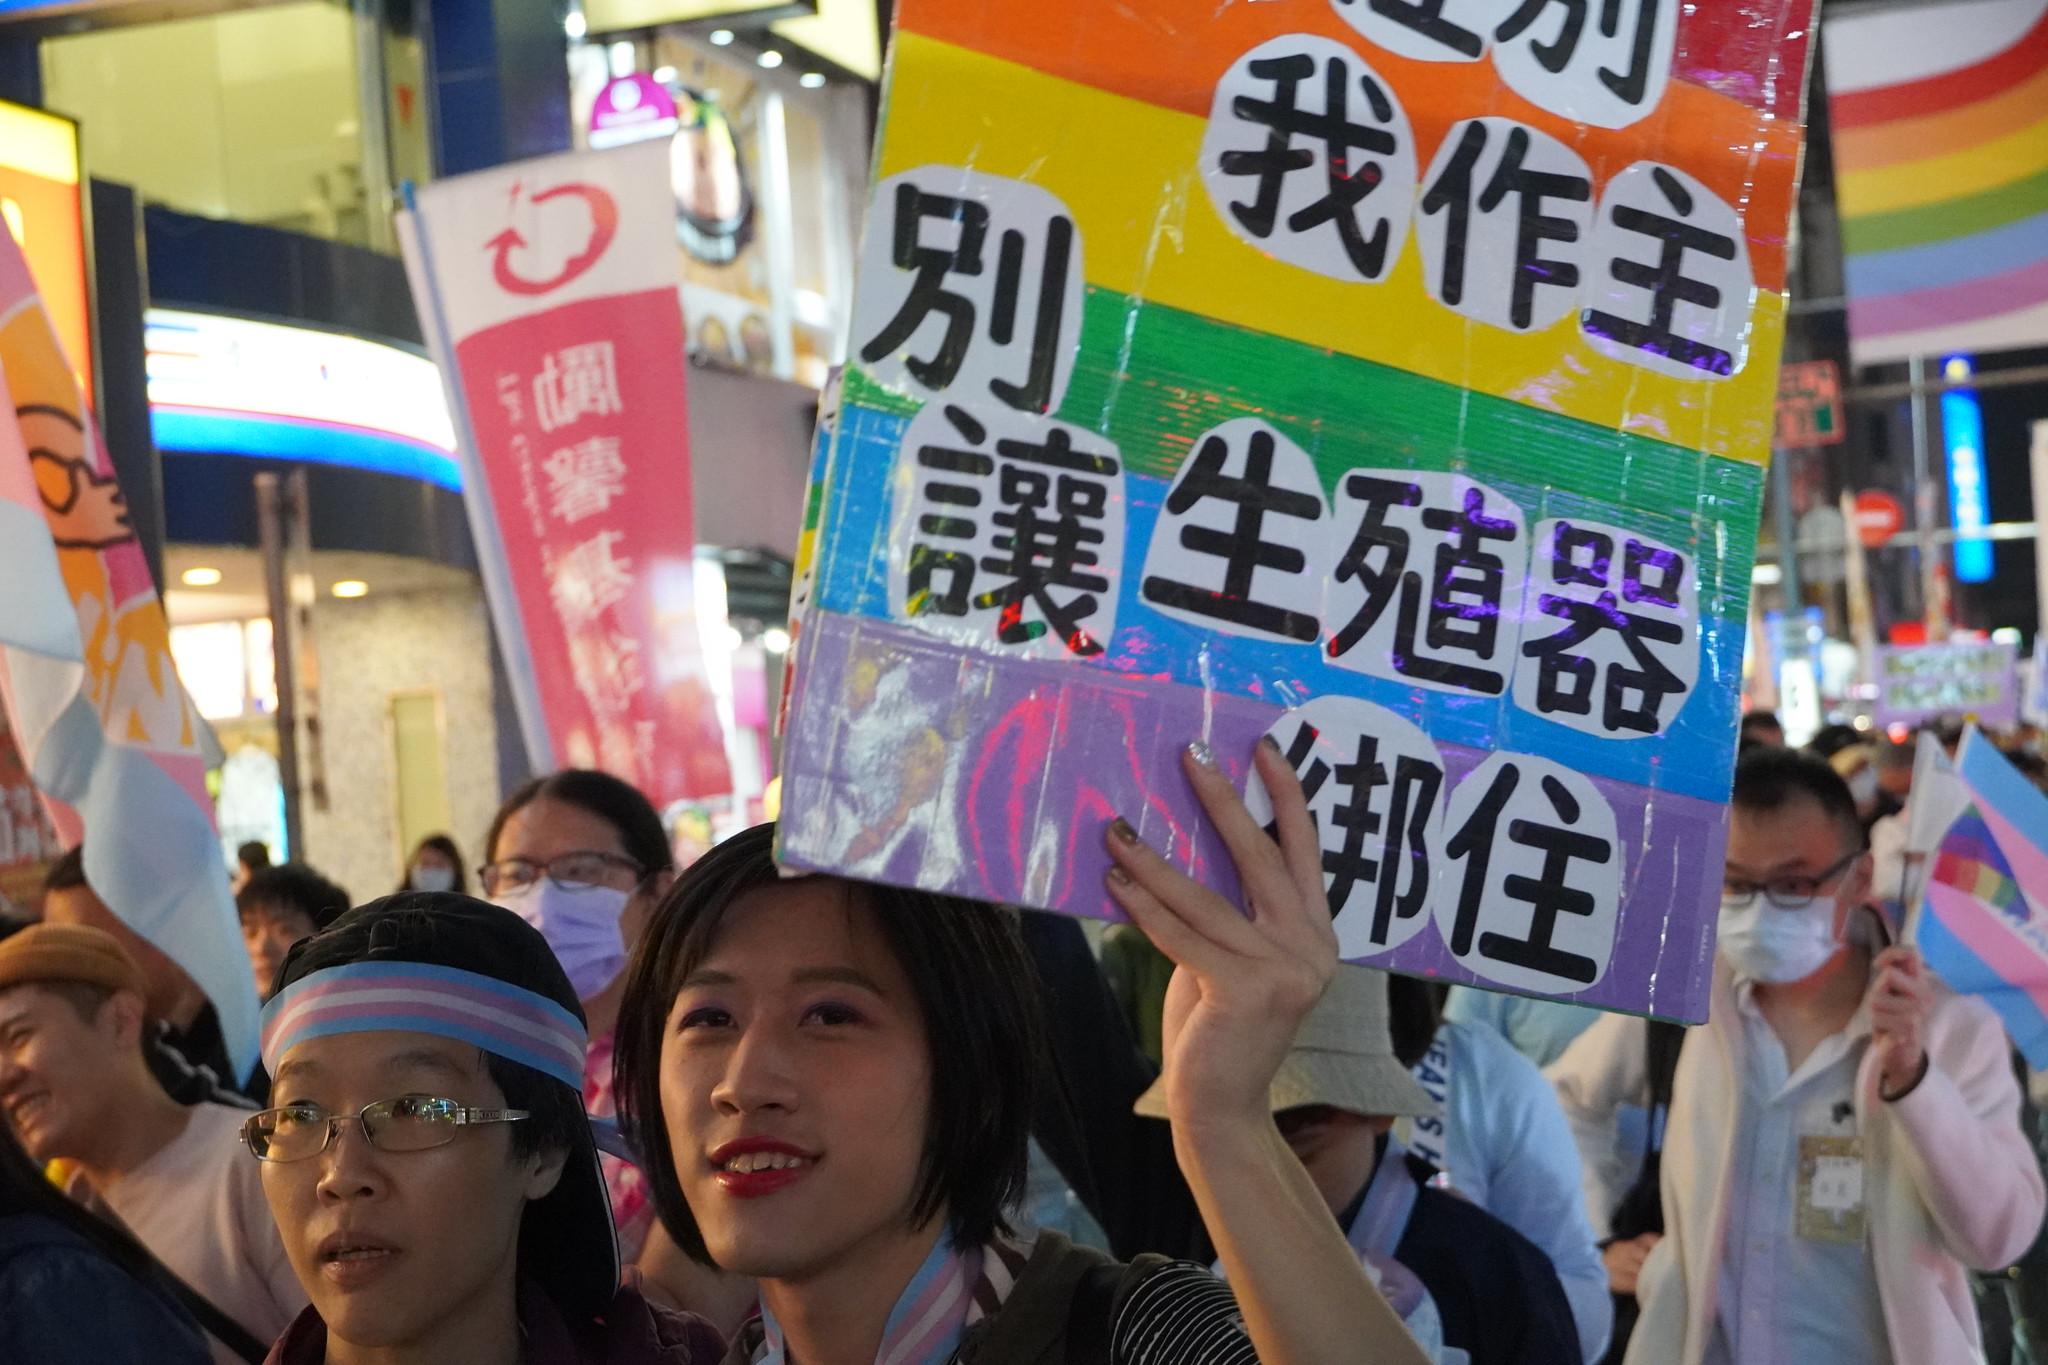 跨性別遊行昨晚在西門町熱鬧登場。(攝影:張智琦)